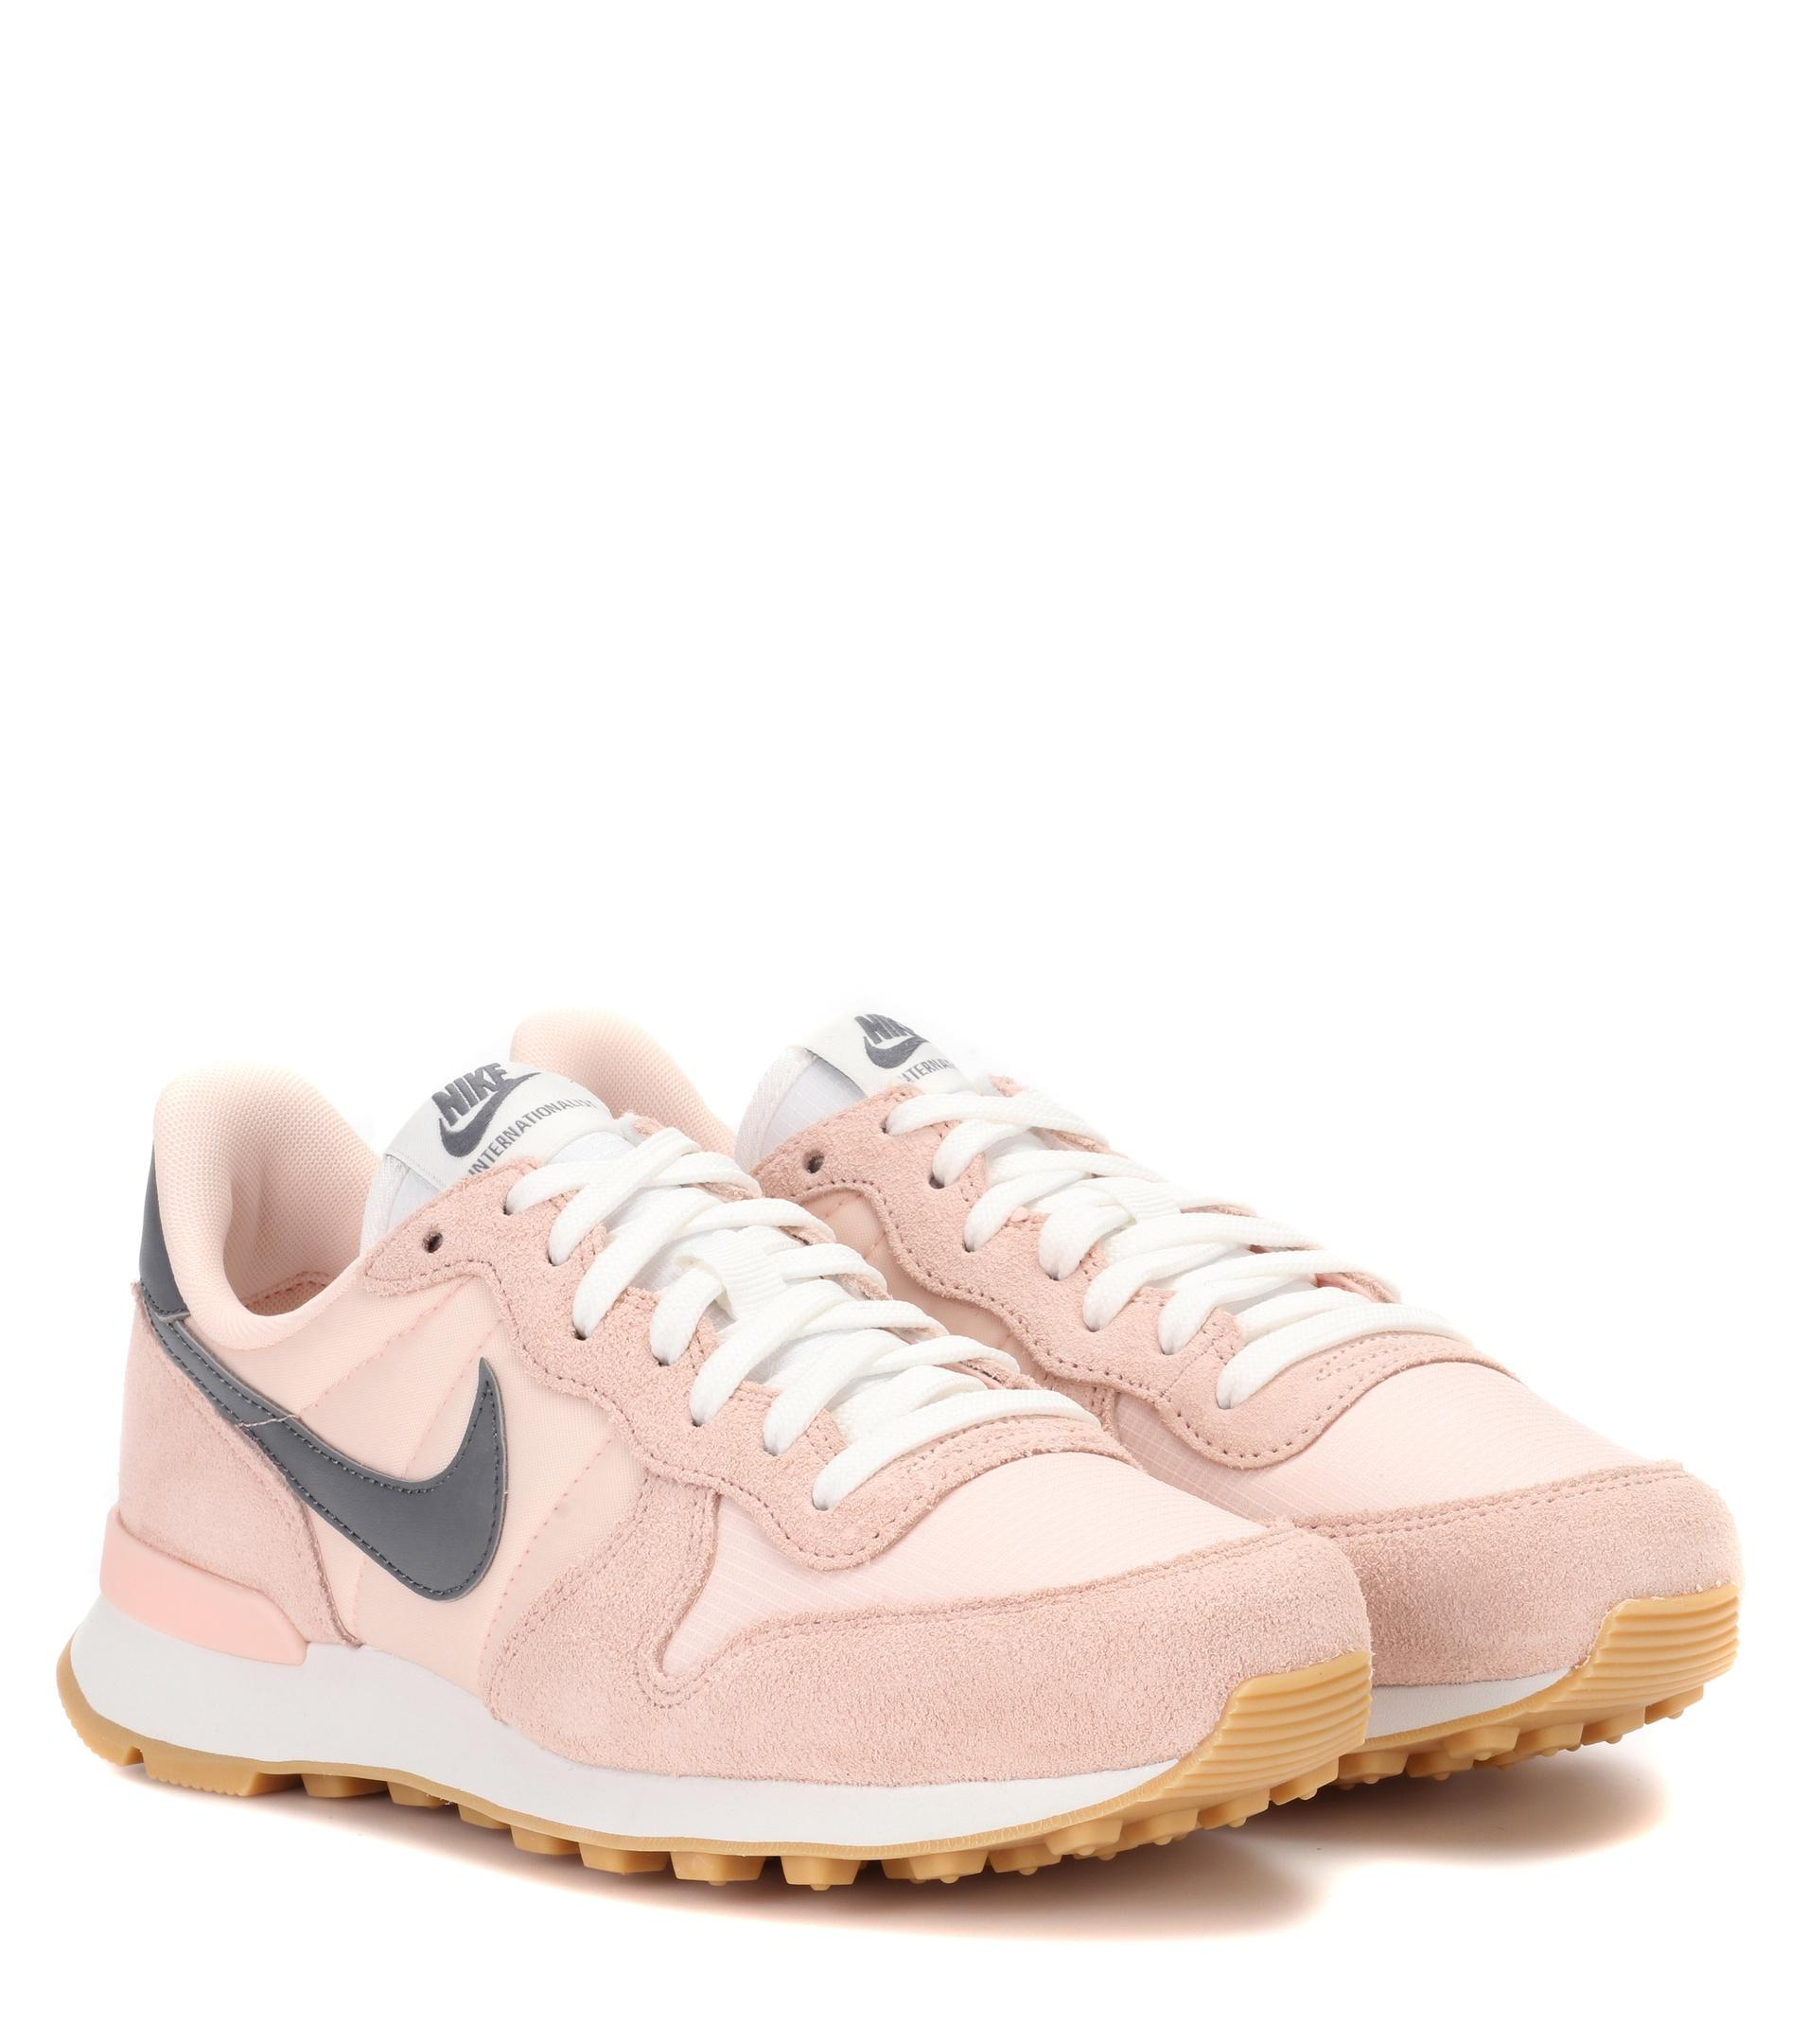 Lyst - Nike Internationalist Suede Sneakers in Pink 3c1d4836eee8